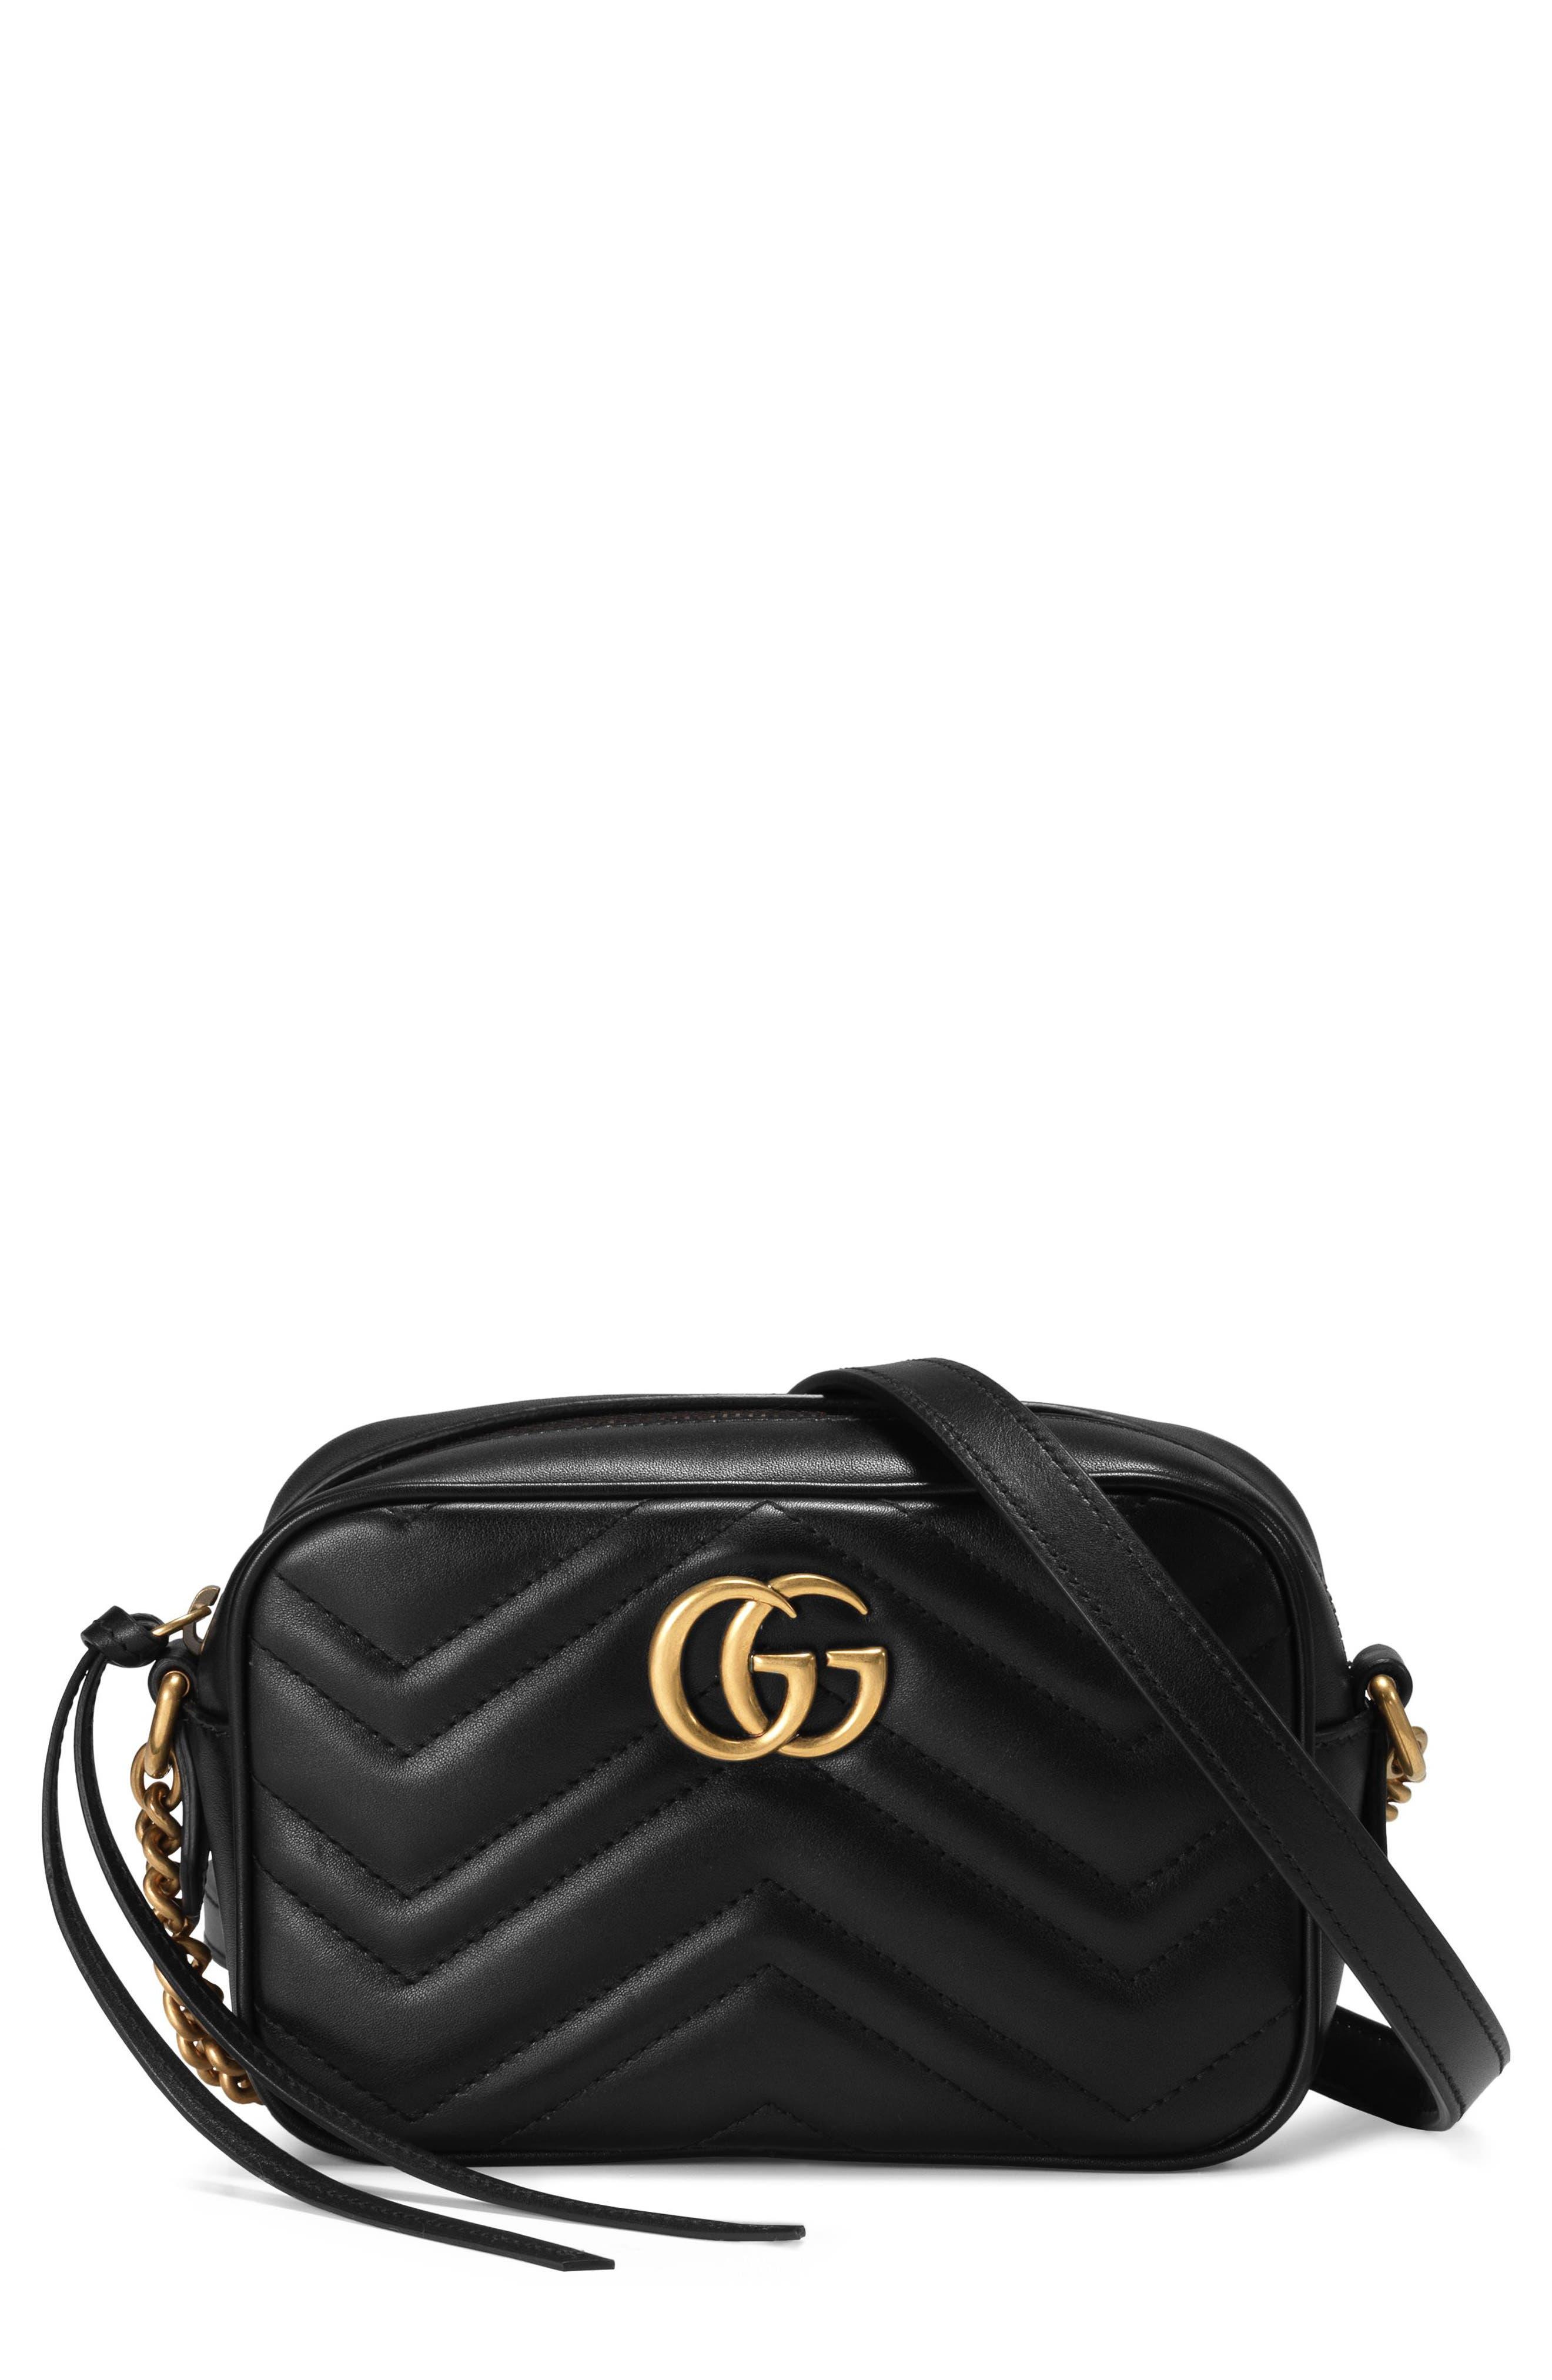 GG Marmont 2.0 Matelassé Leather Shoulder Bag,                             Main thumbnail 1, color,                             Nero